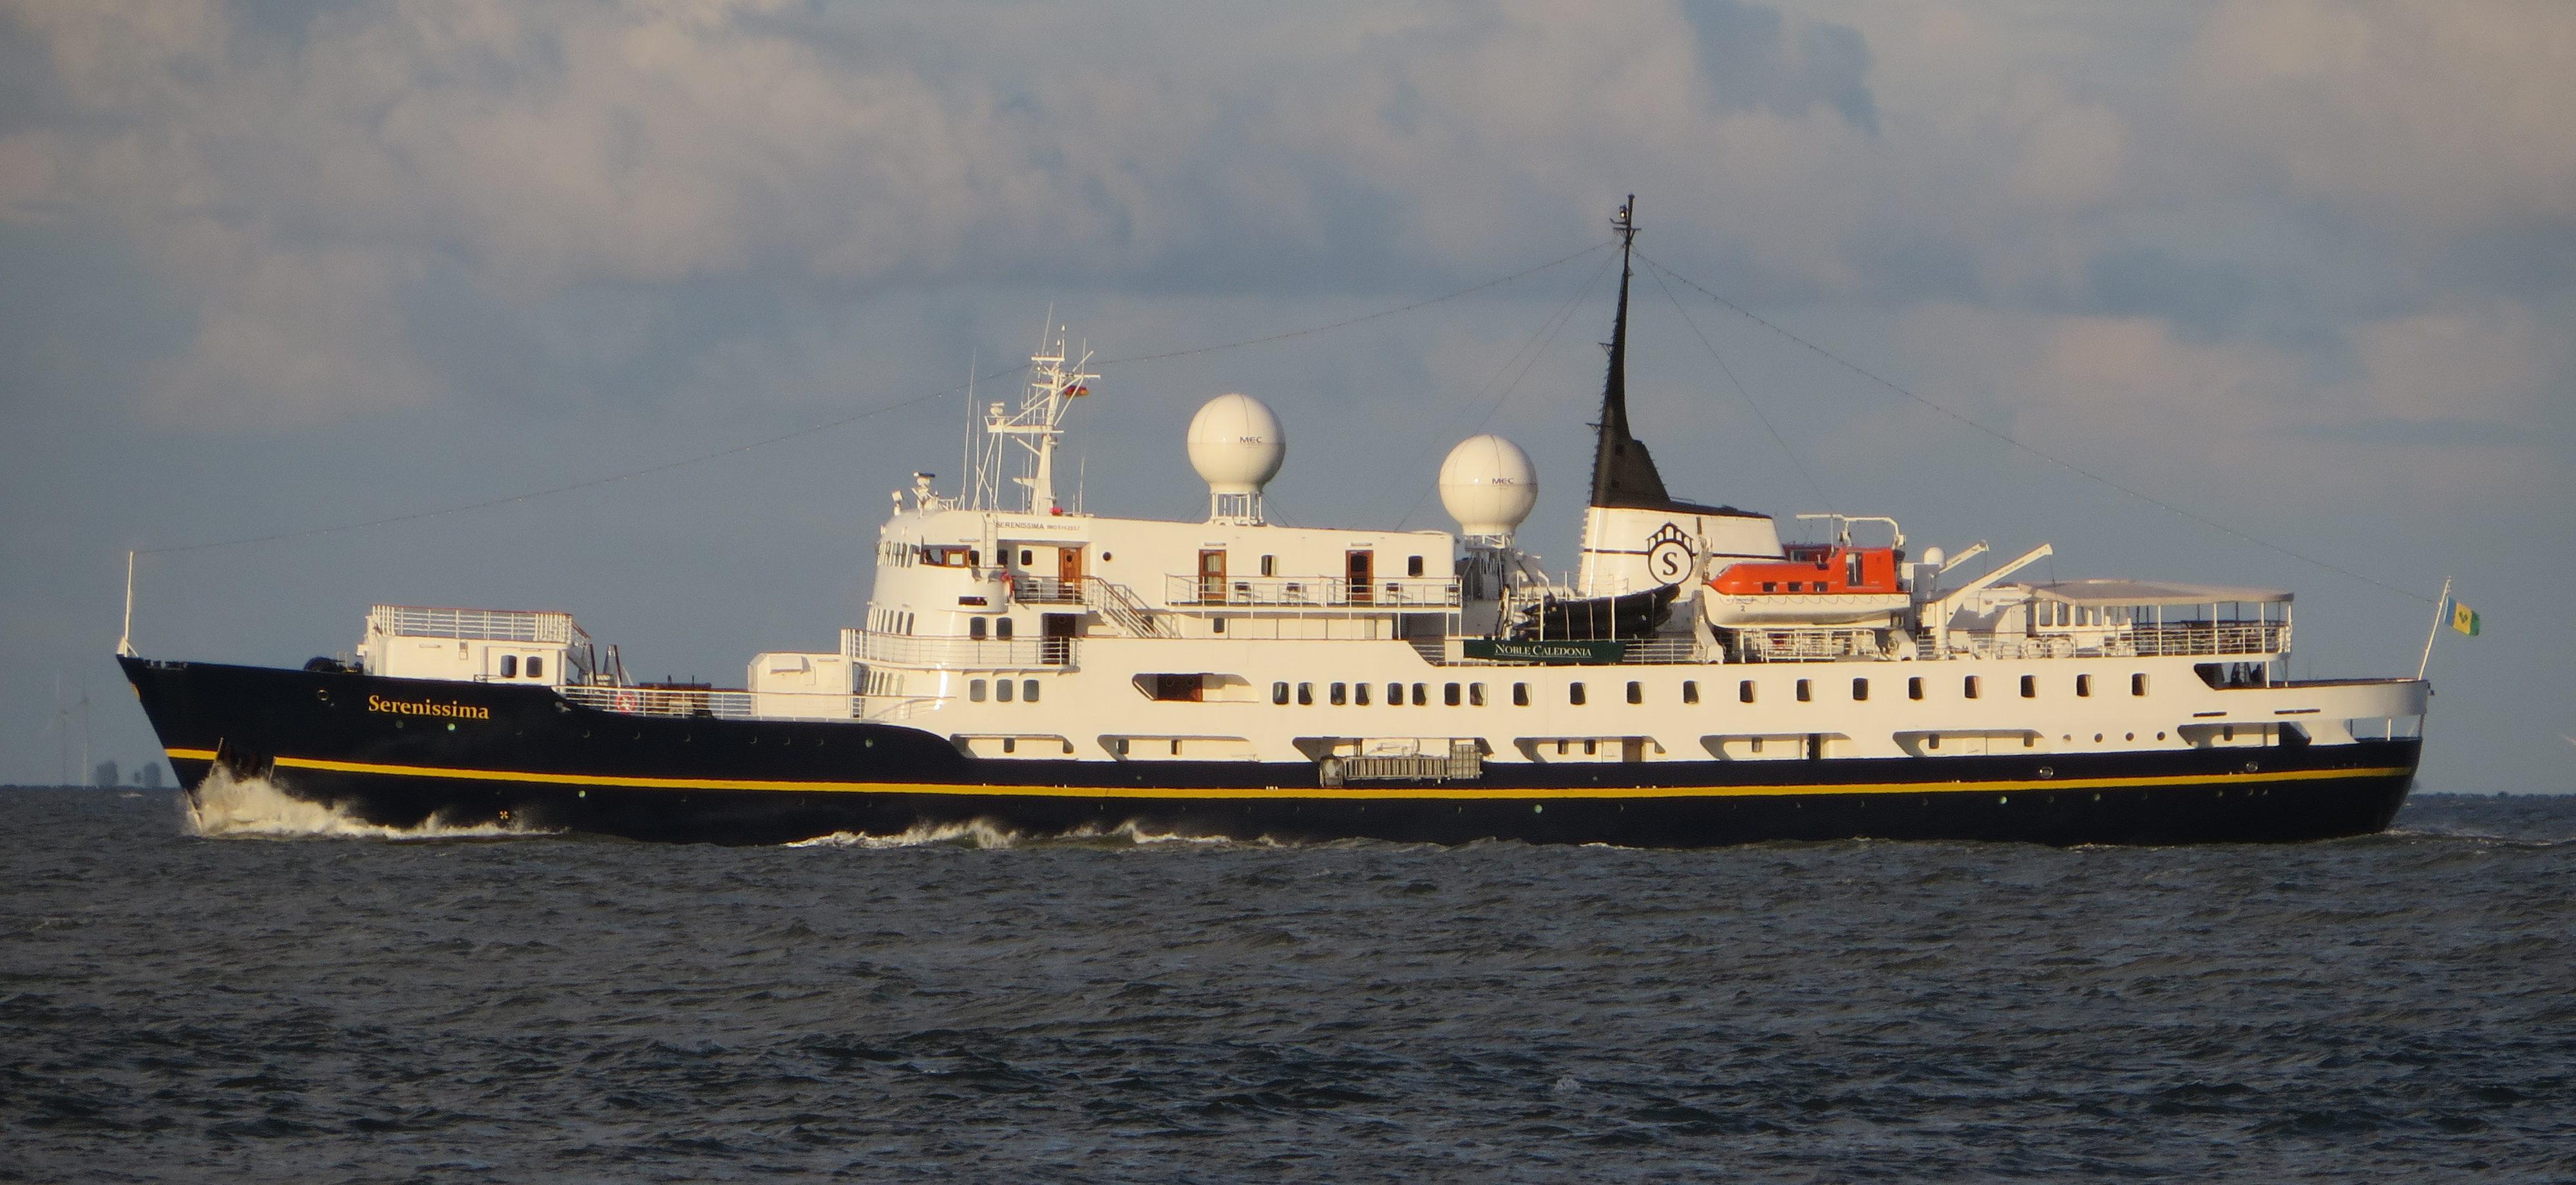 Marinetraffic schiffsposition echtzeit